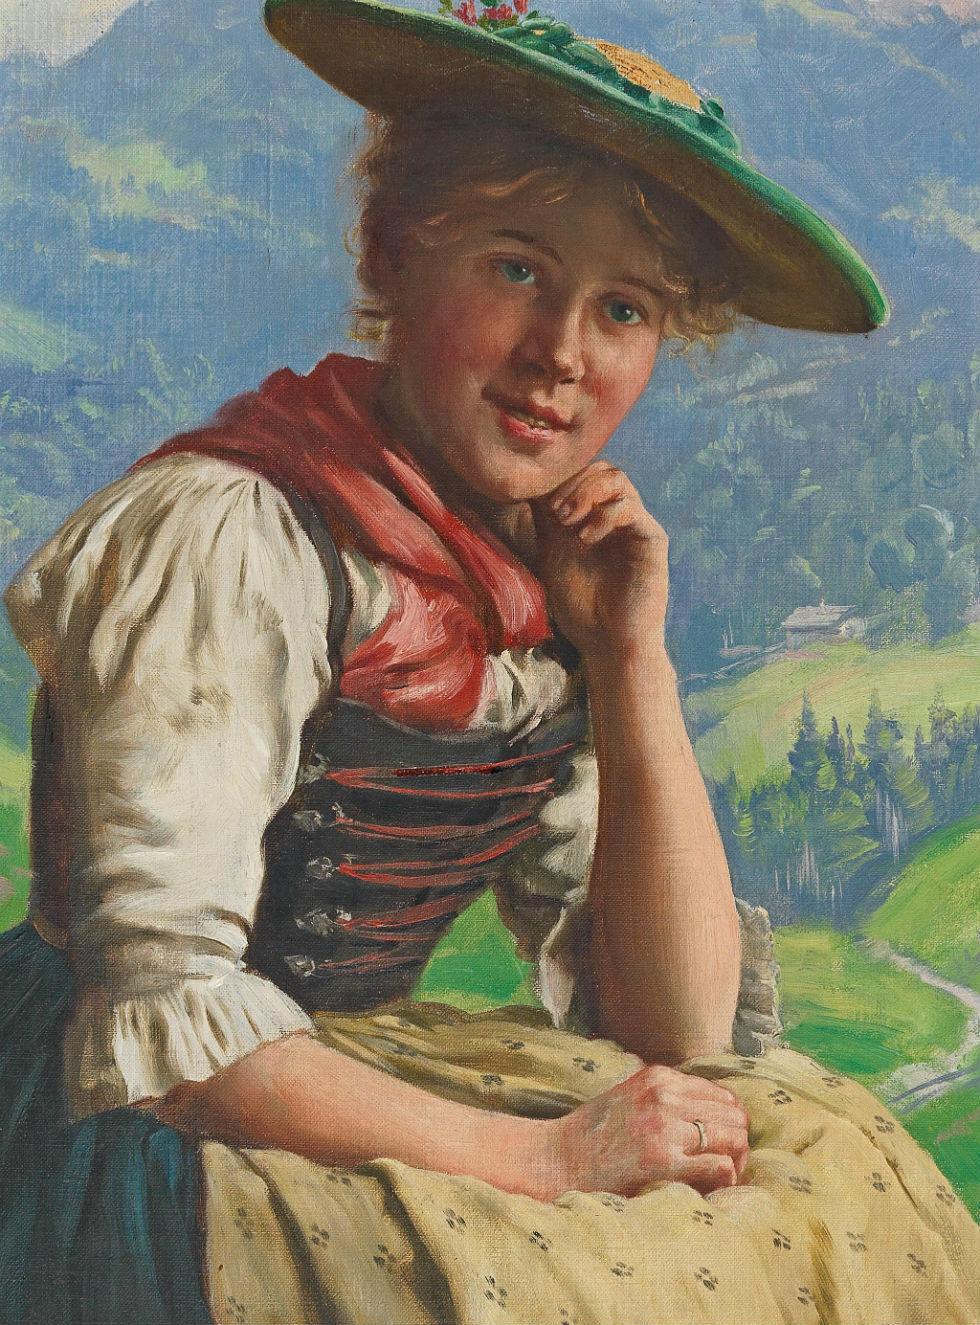 Emil_Rau_-_Young_Lass_set_against_a_Landscape.jpg